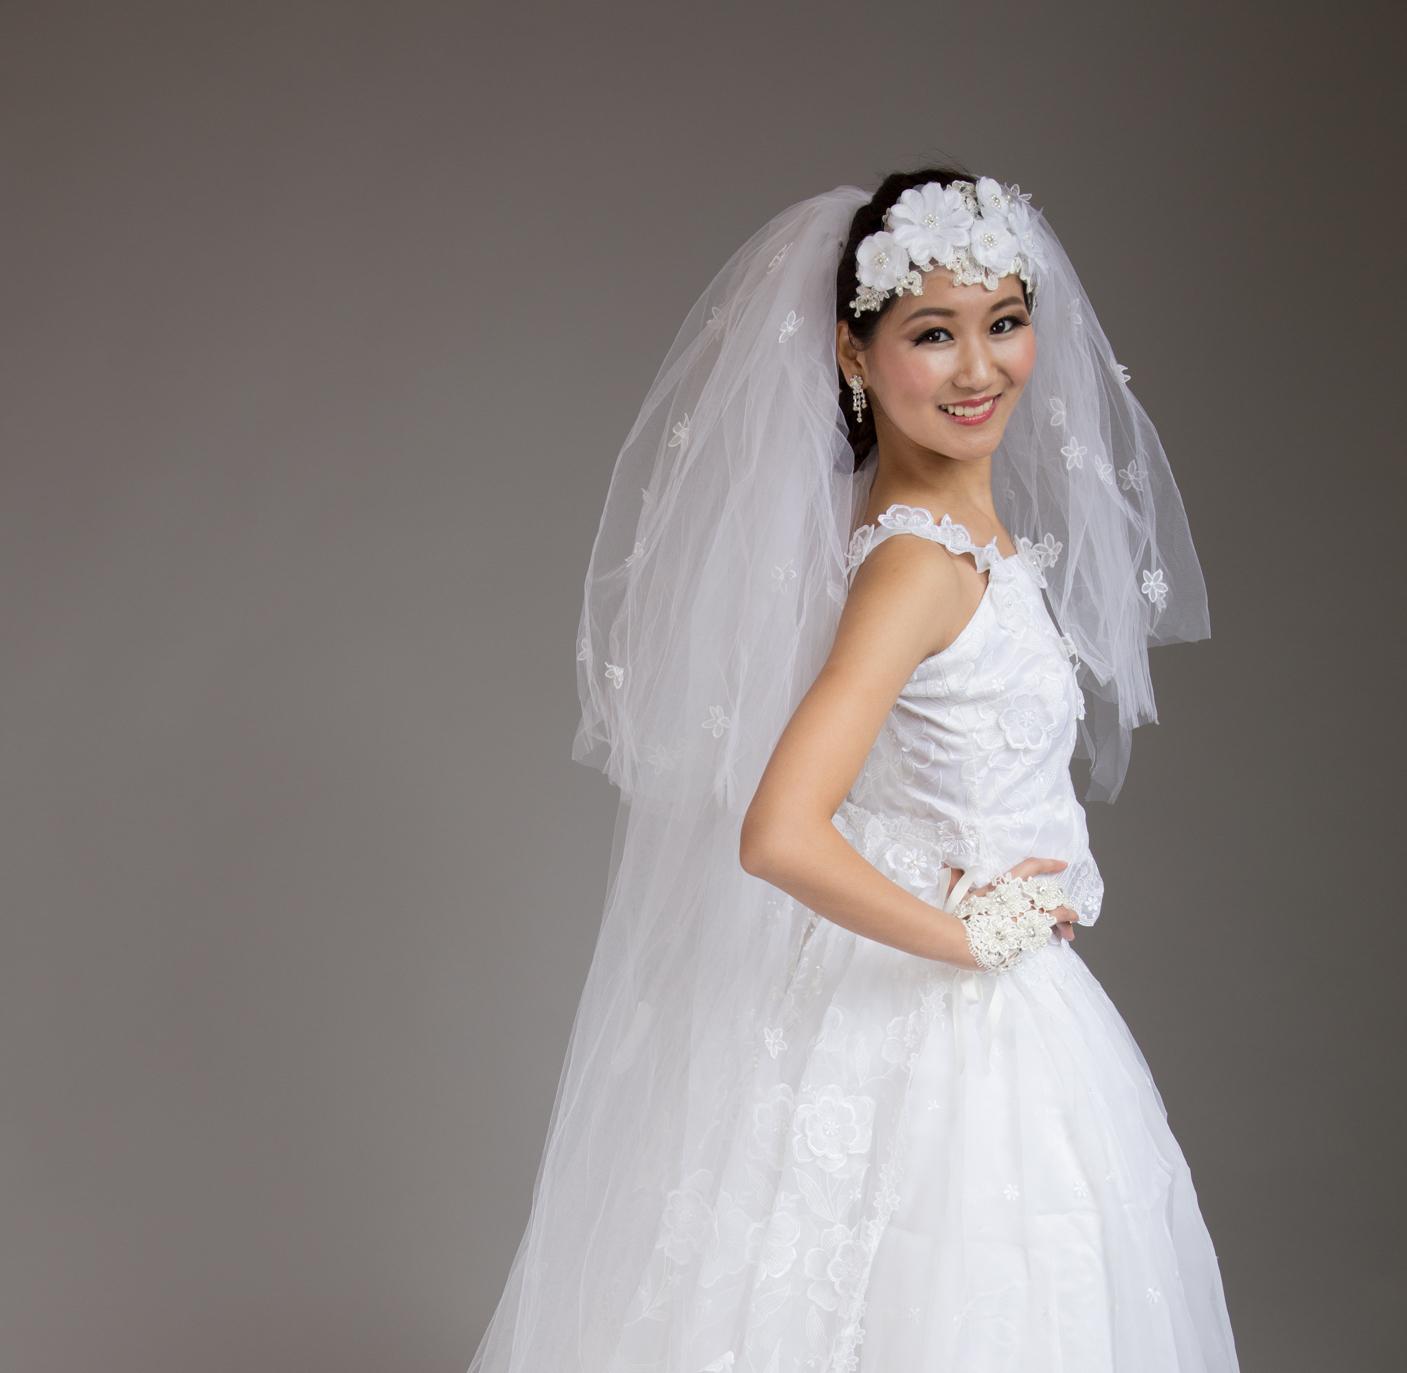 国際結婚・インバウンドウエディングのプロデュース:株式会社トライフル